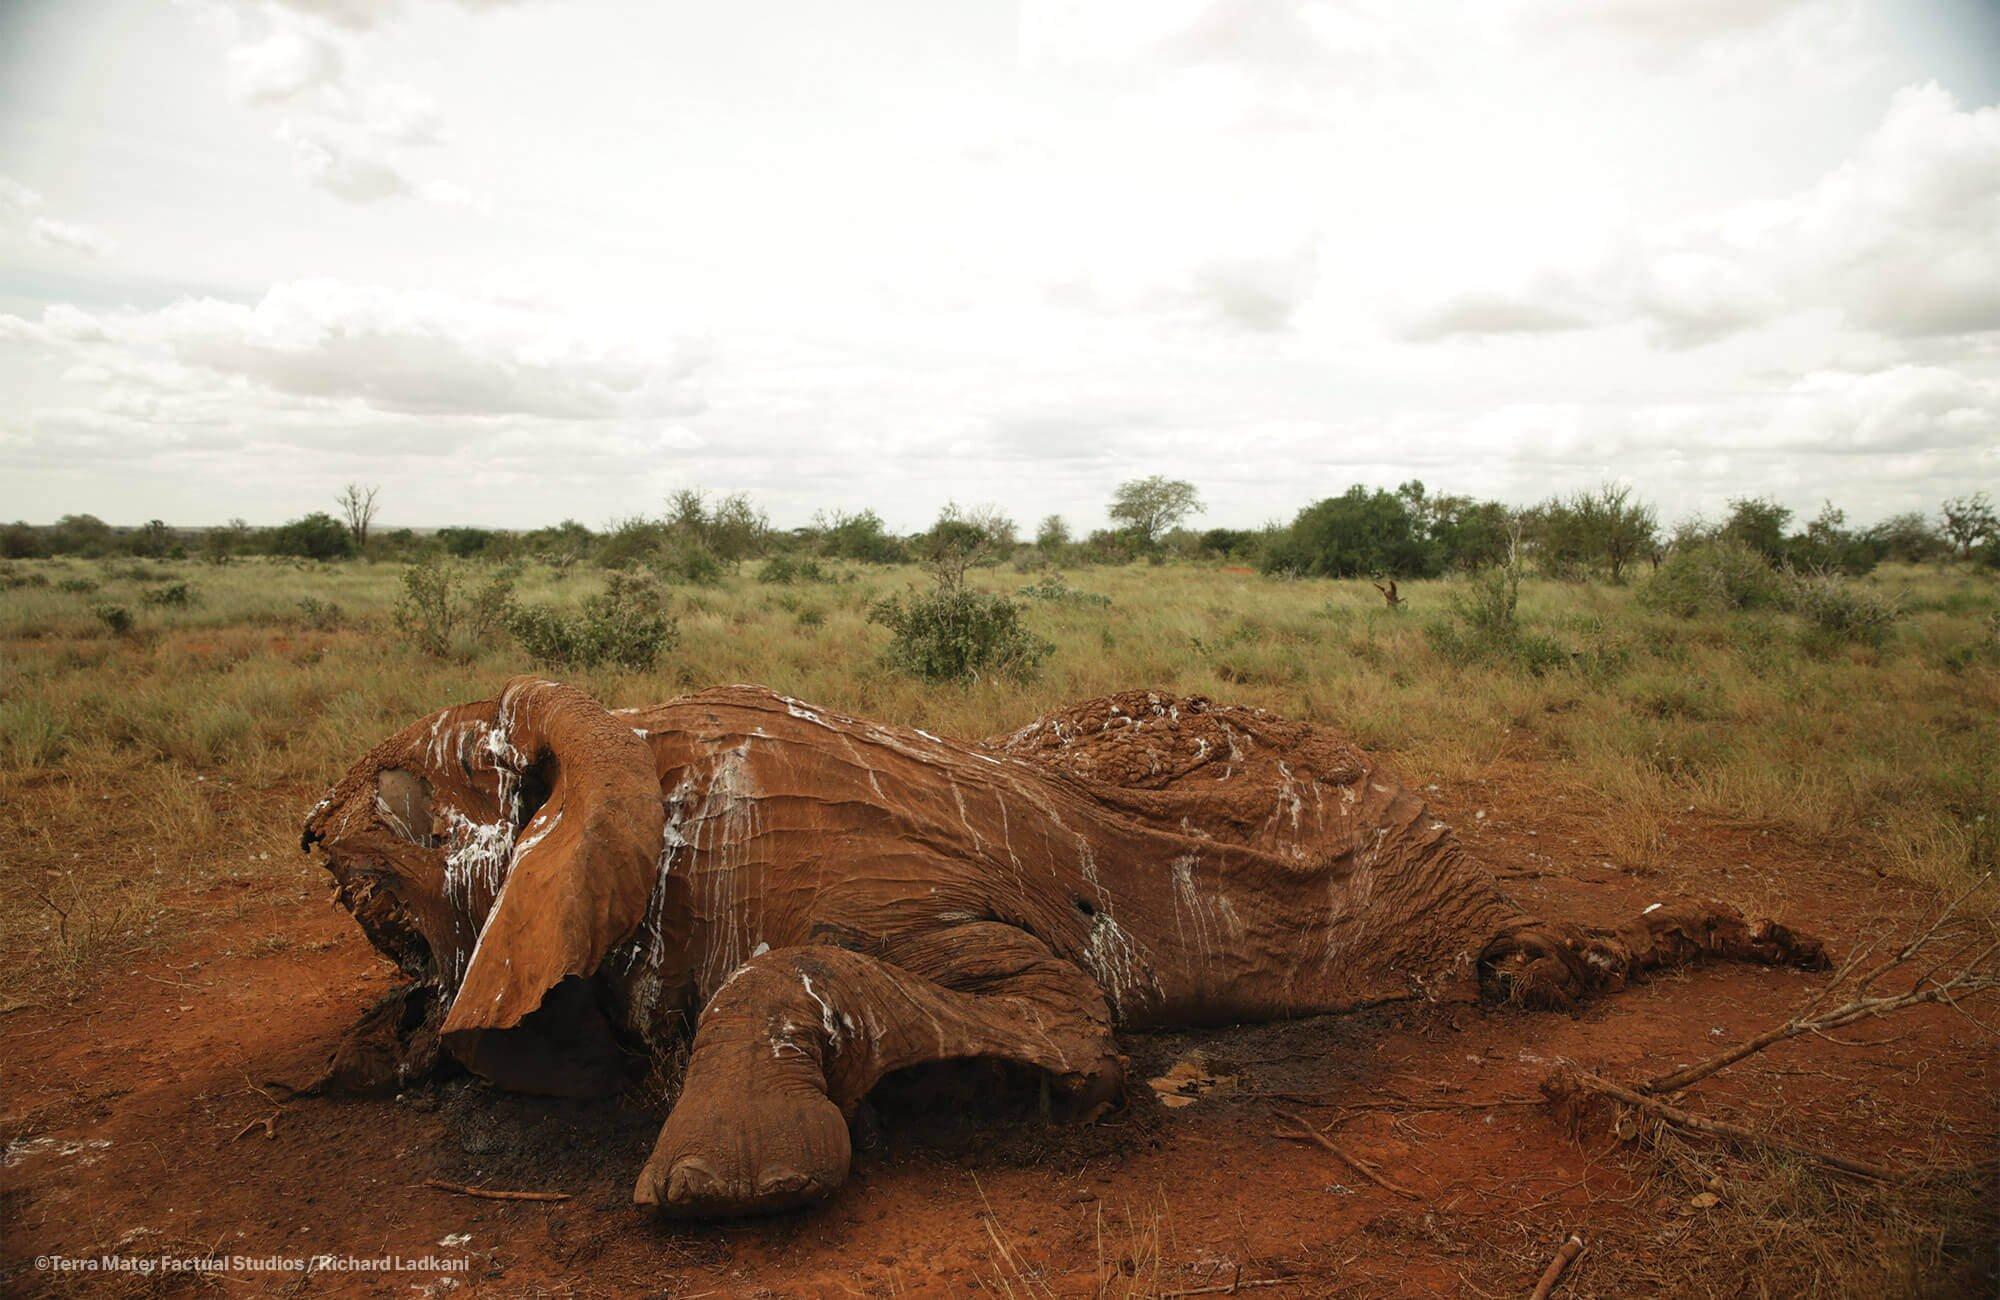 被掠夺象牙后,大象的尸体。由于象牙连着头骨,偷猎者必须砍掉大象的脸才能获得象牙。